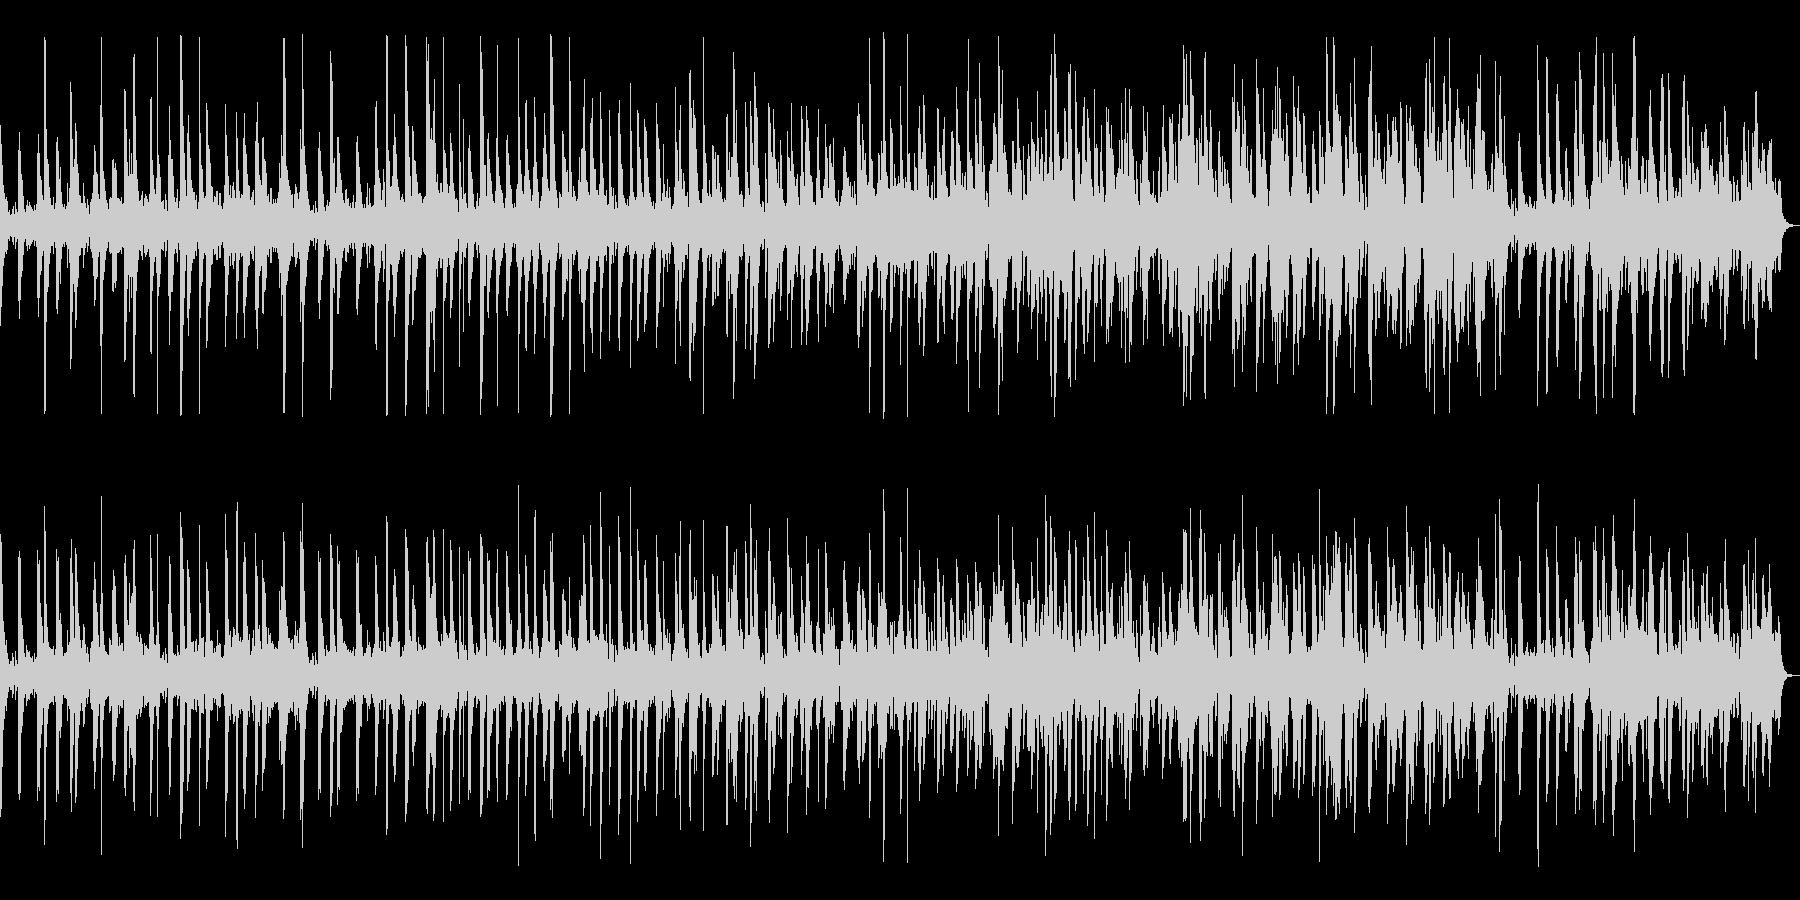 ピアノによるミニマルミュージックの未再生の波形